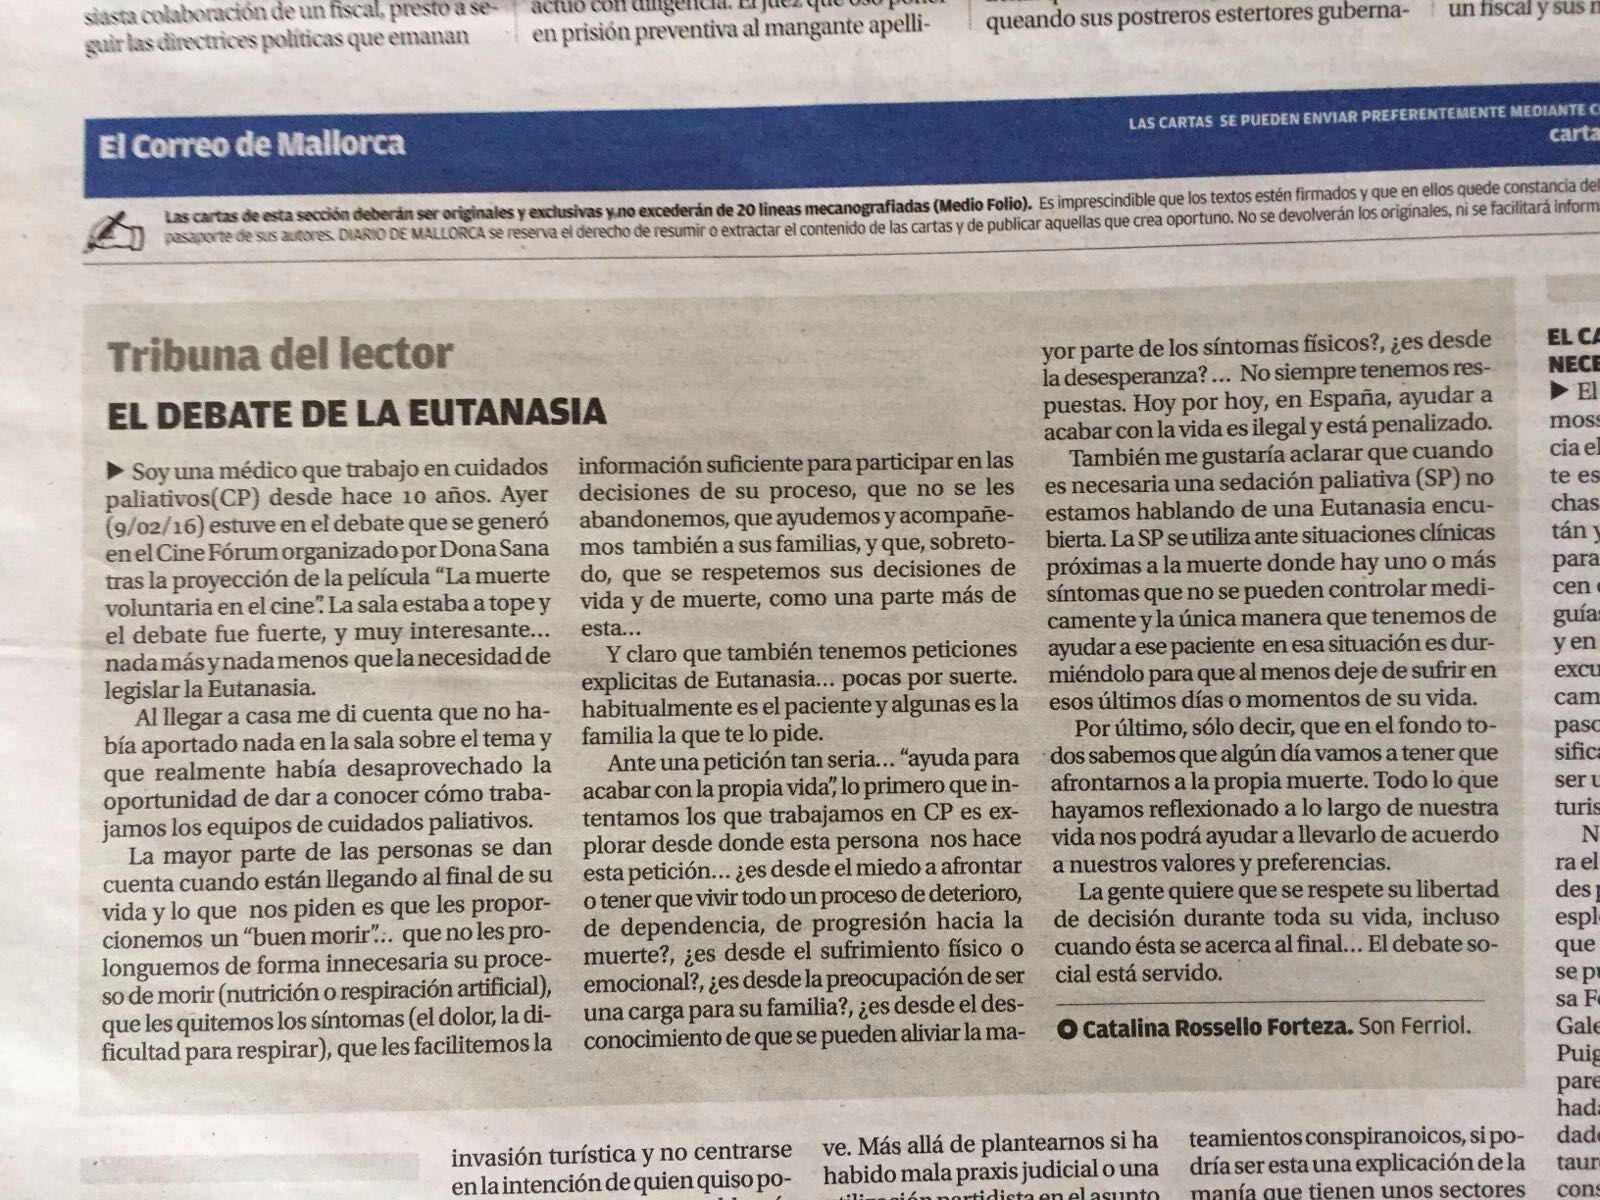 El Debate de la Eutanasia